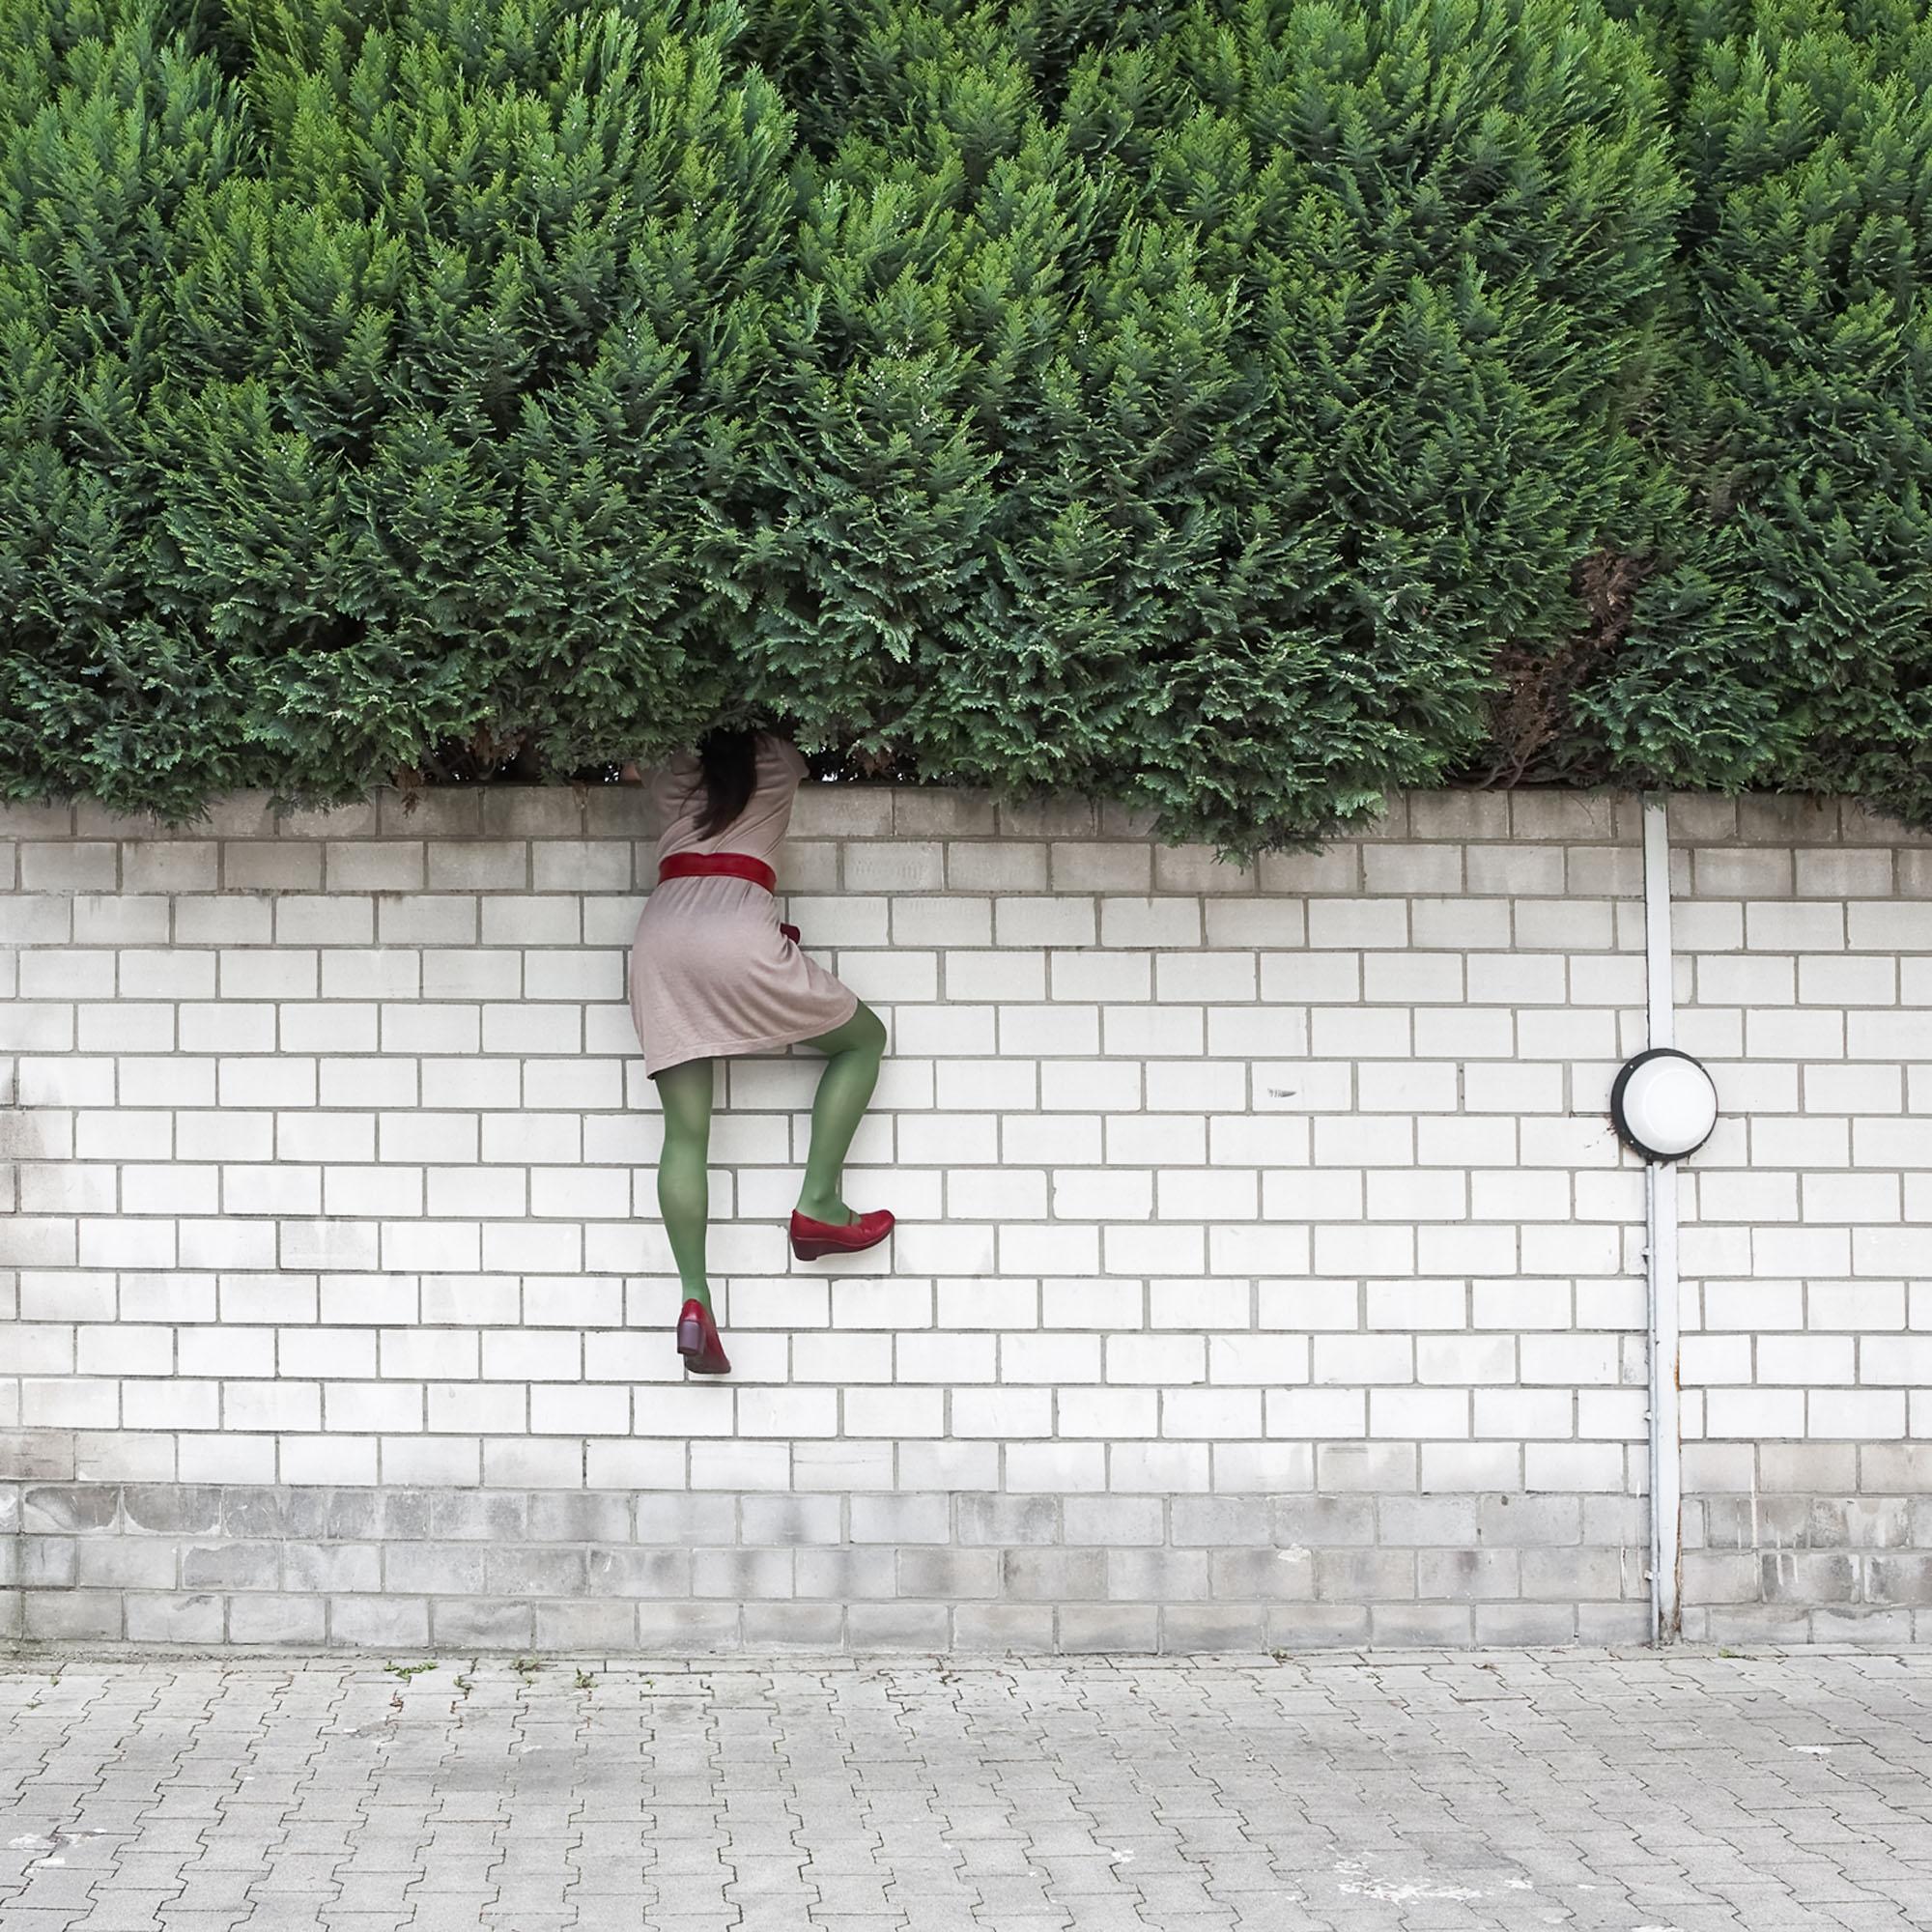 Картинка лезть на стену места спасателями